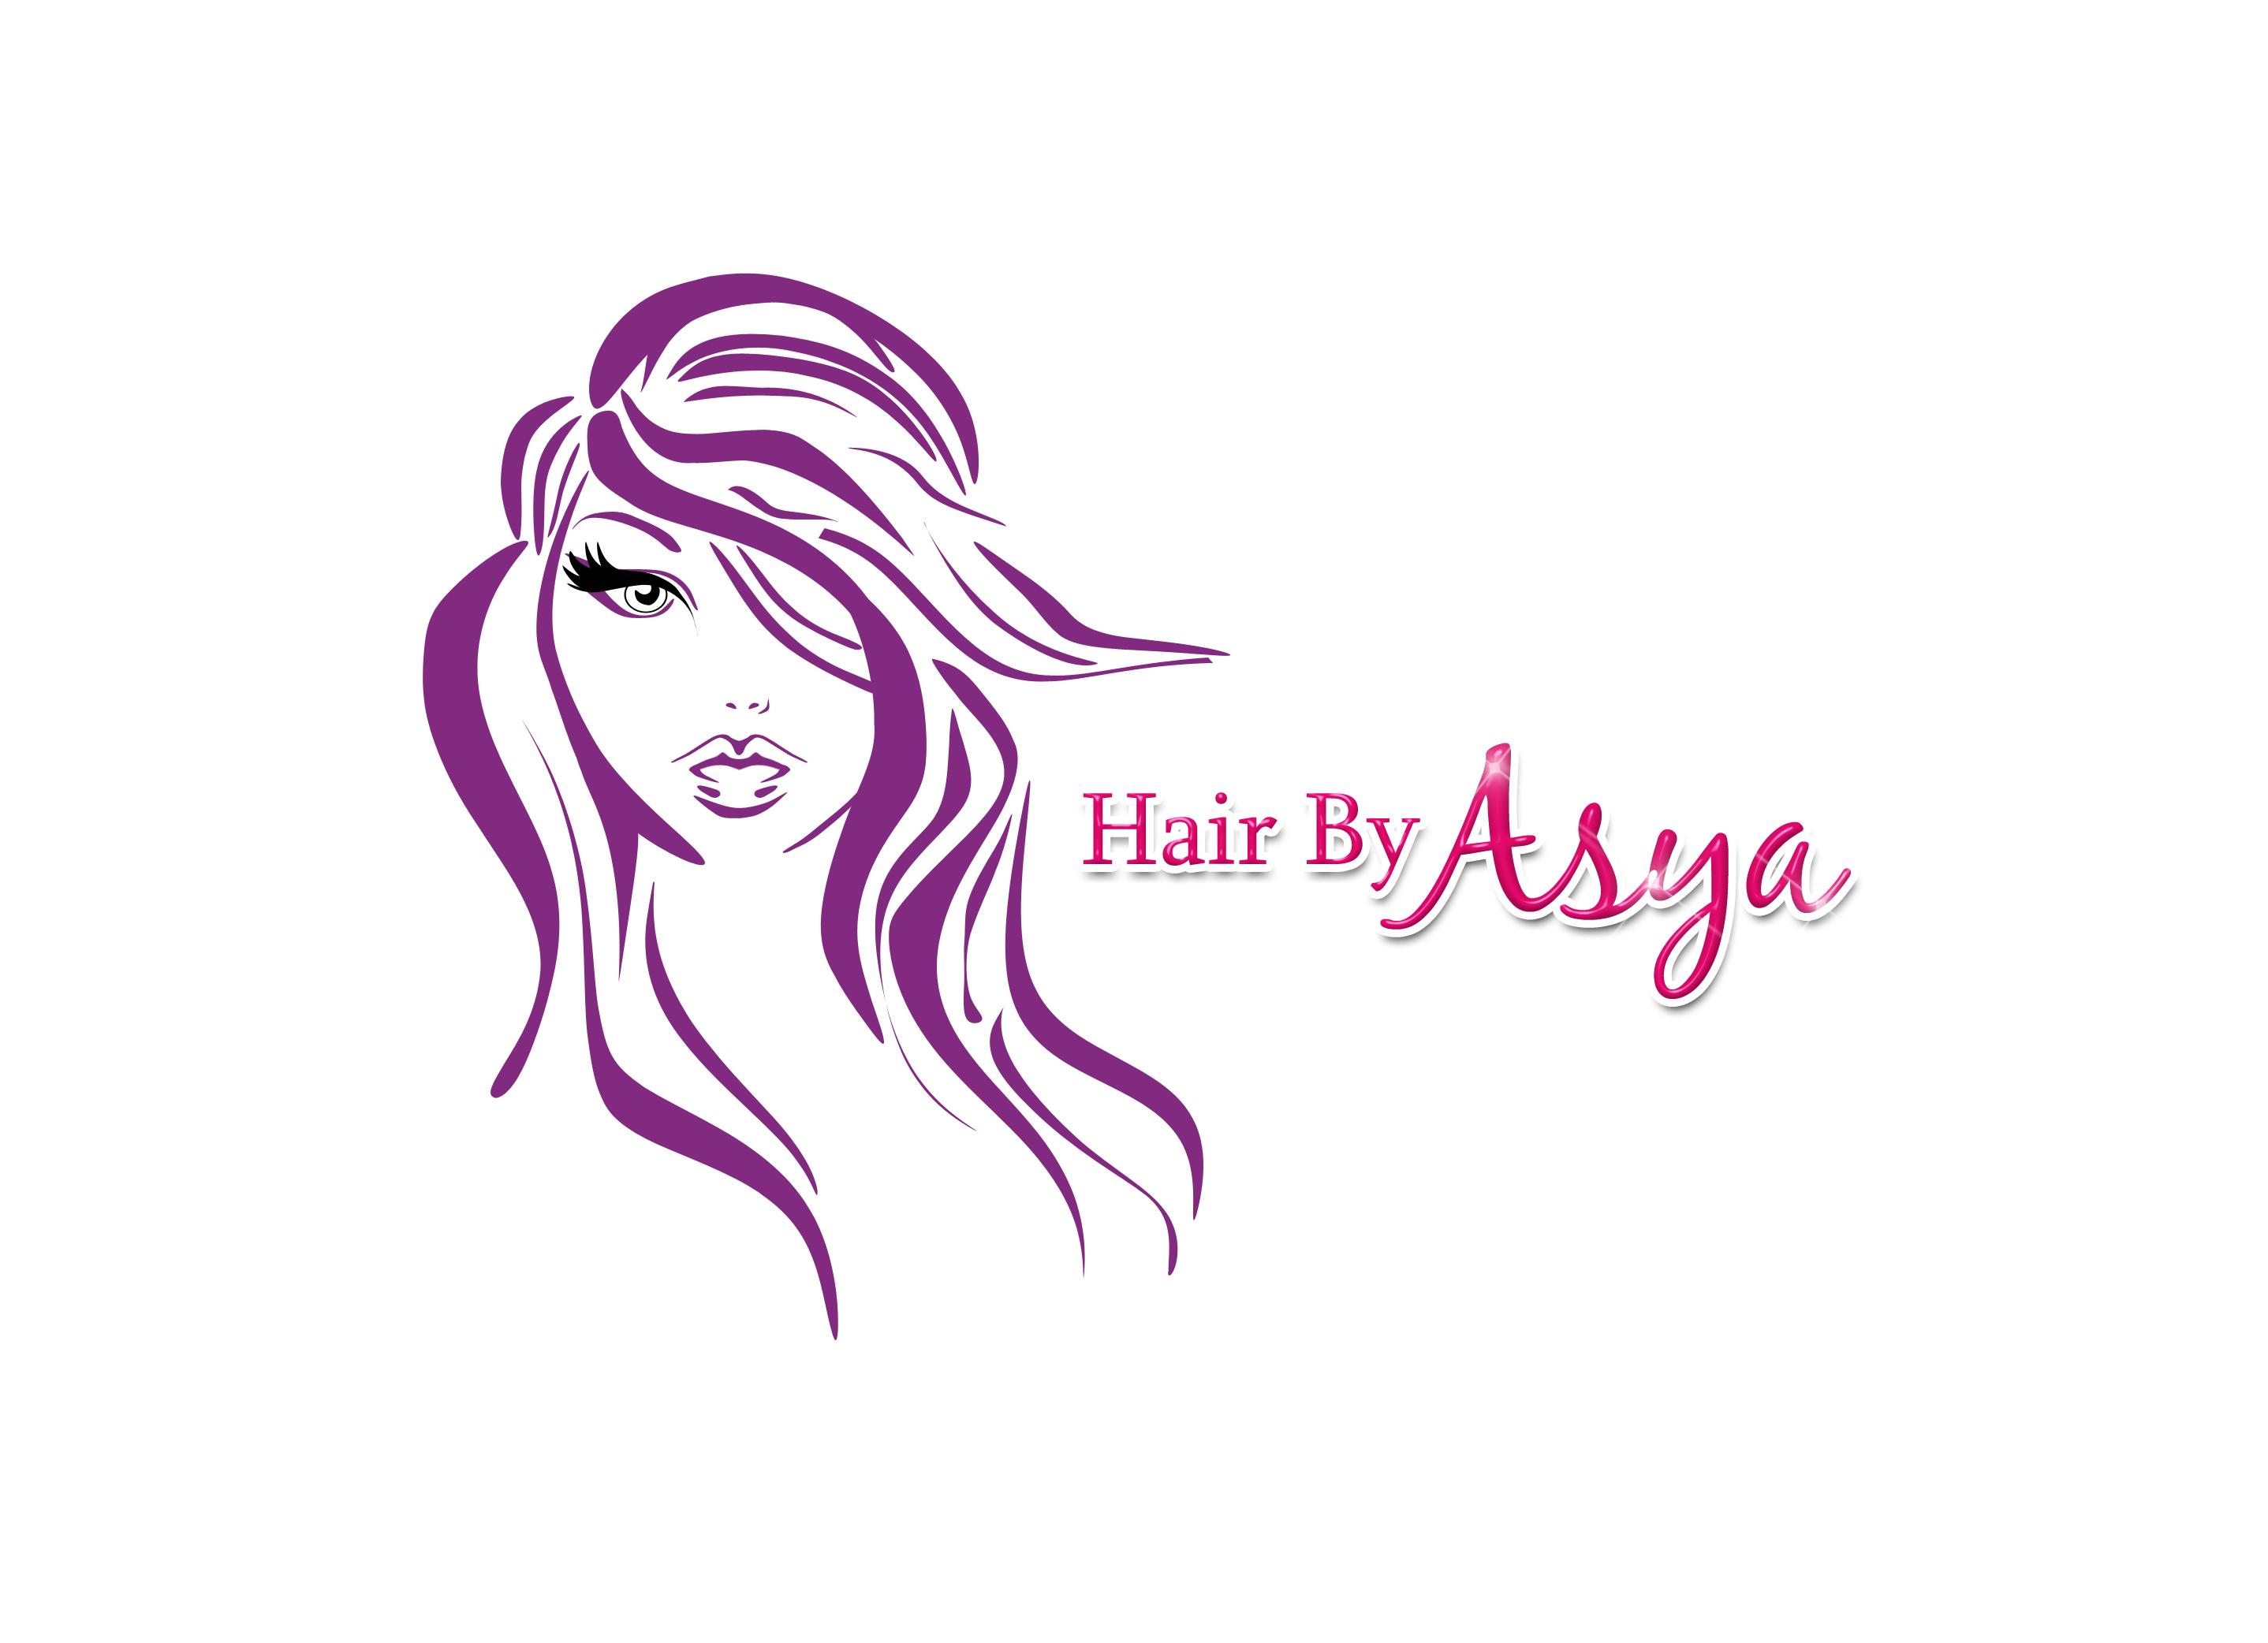 Hair Salon Logos Logos Pinterest Salon Logo And Logos